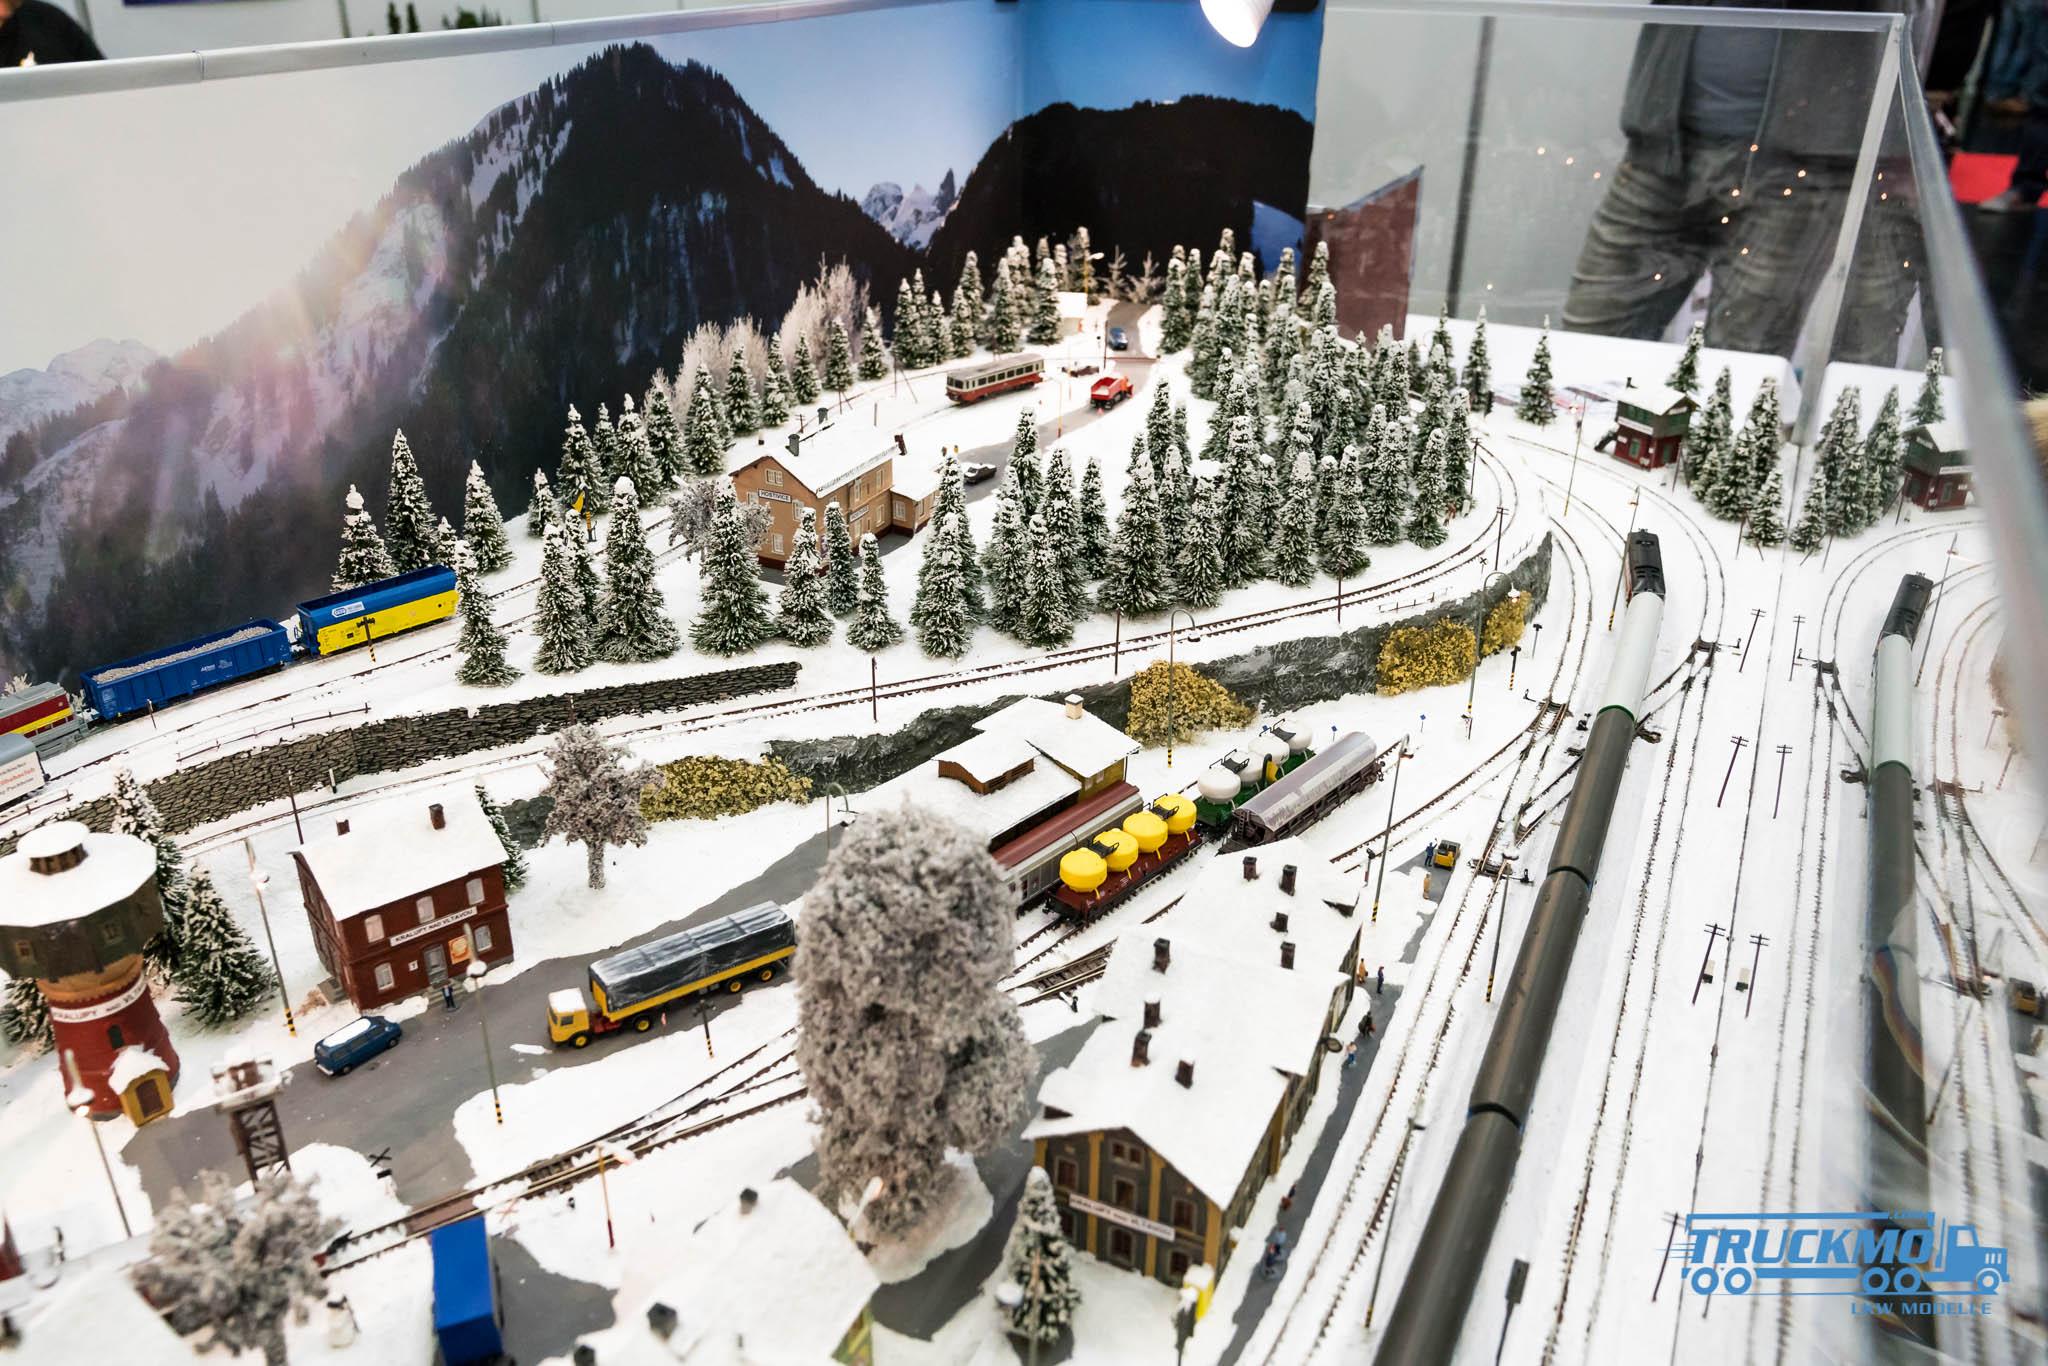 Truckmo_Modellbau_Ried_2017_Herpa_Messe_Modellbauausstellung (65 von 1177)